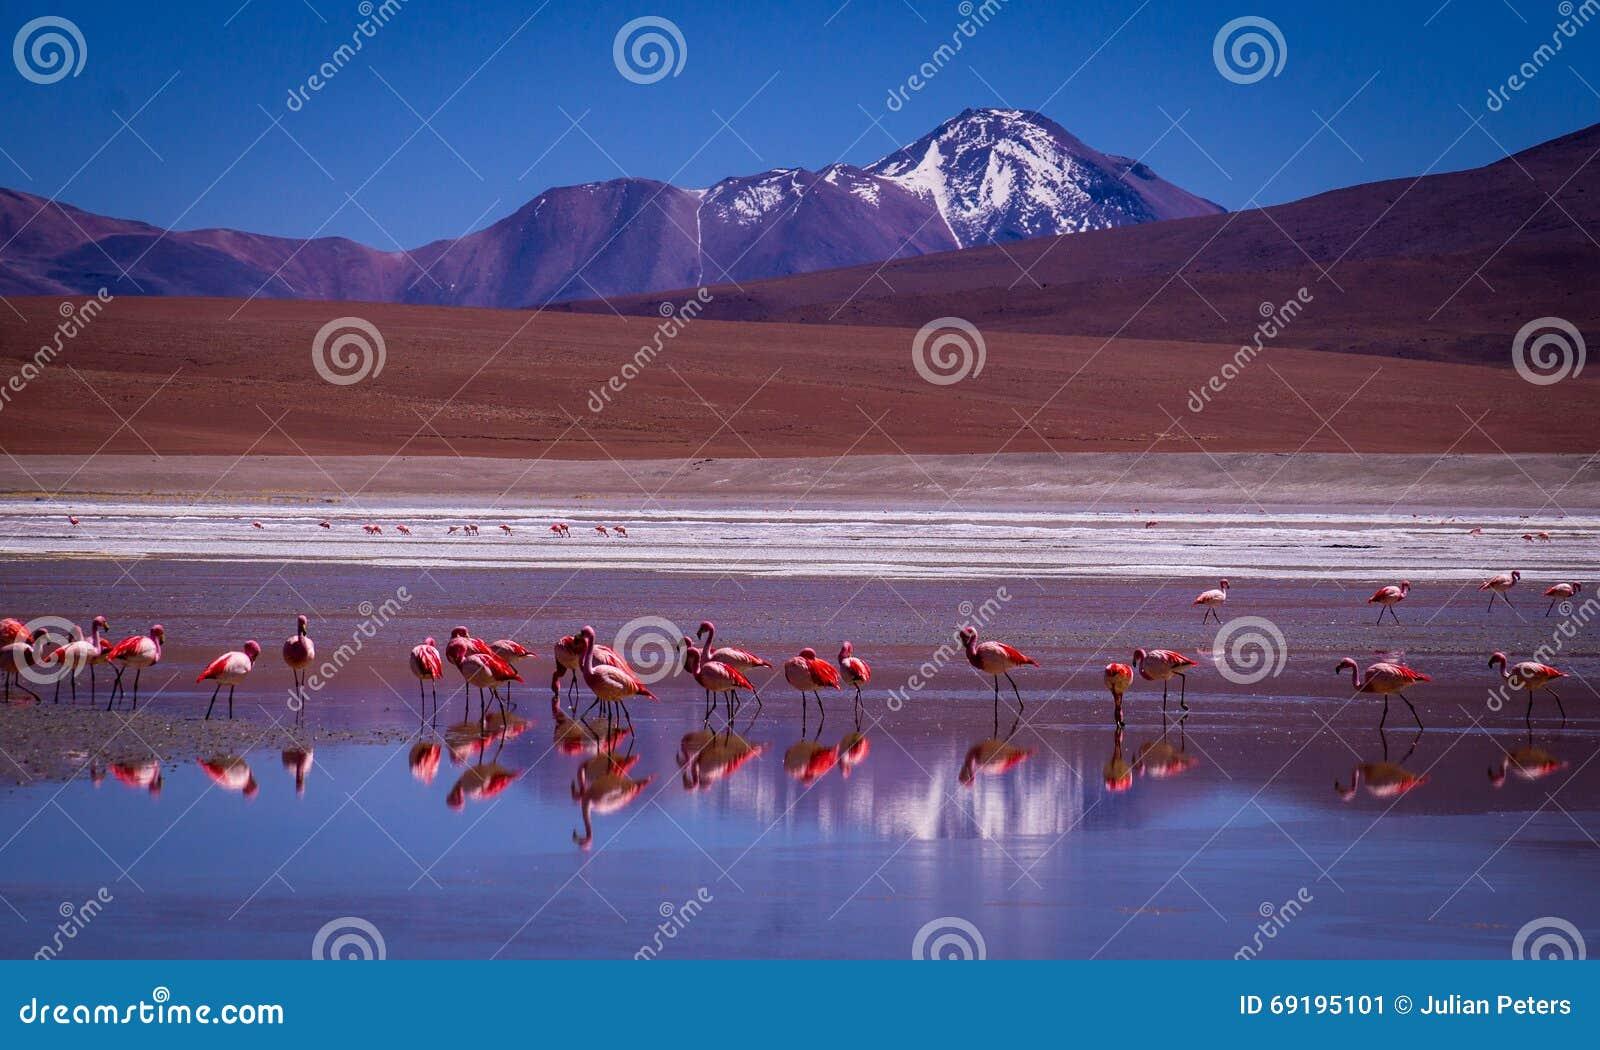 Lagune Lagunas Kara mit Flamingos und Reflexion des Berges